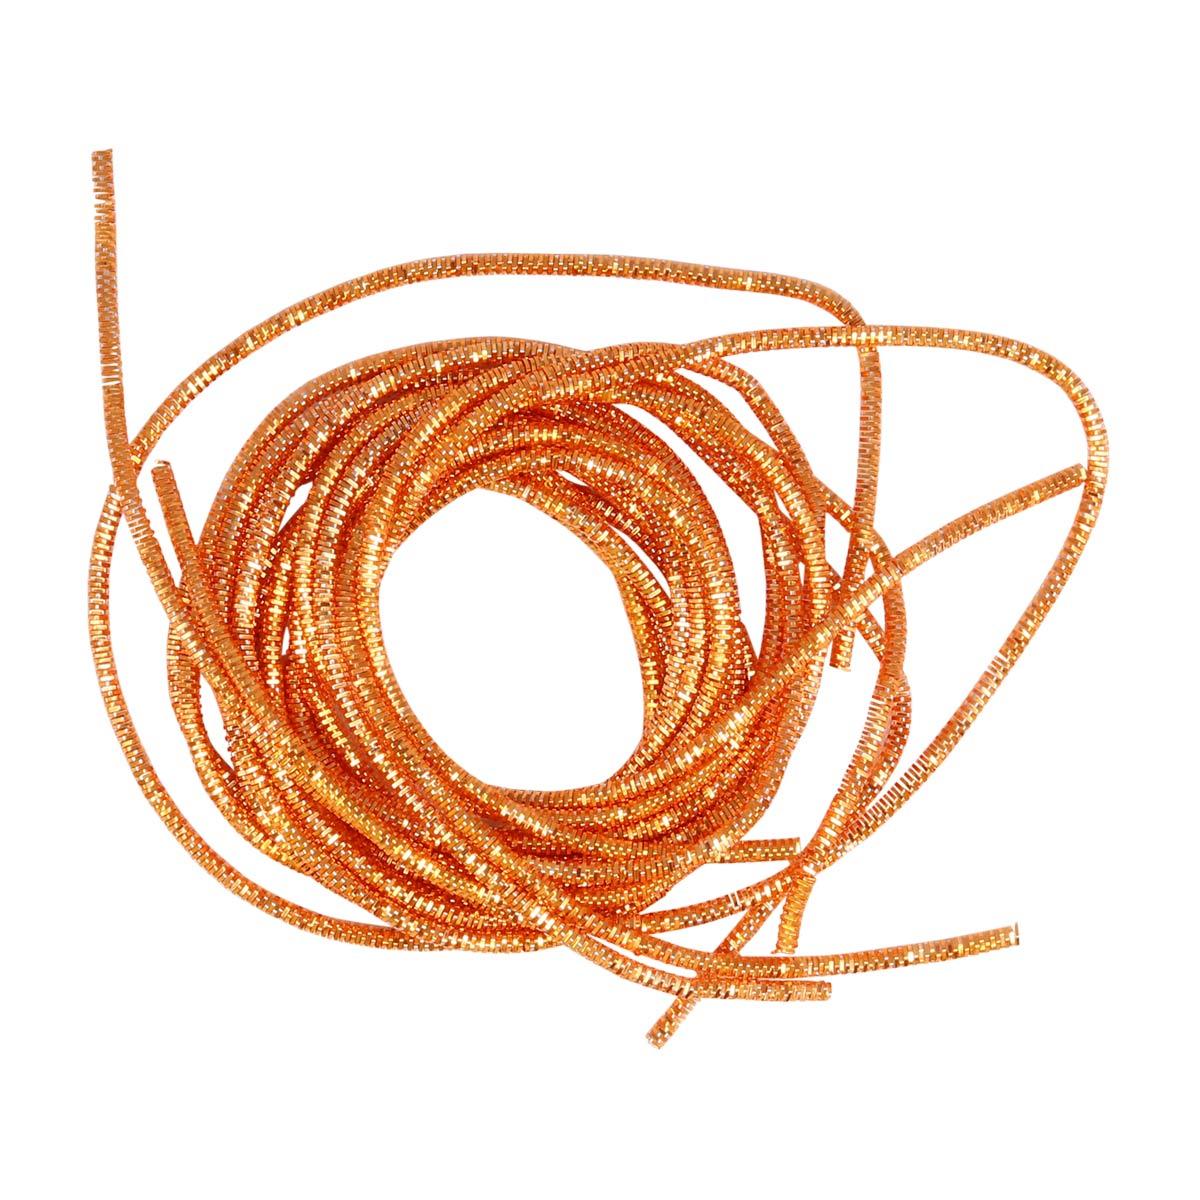 ТК025НН1 Трунцал Оранжевый 1,5 мм, 5 гр. +/- 0,1 гр.